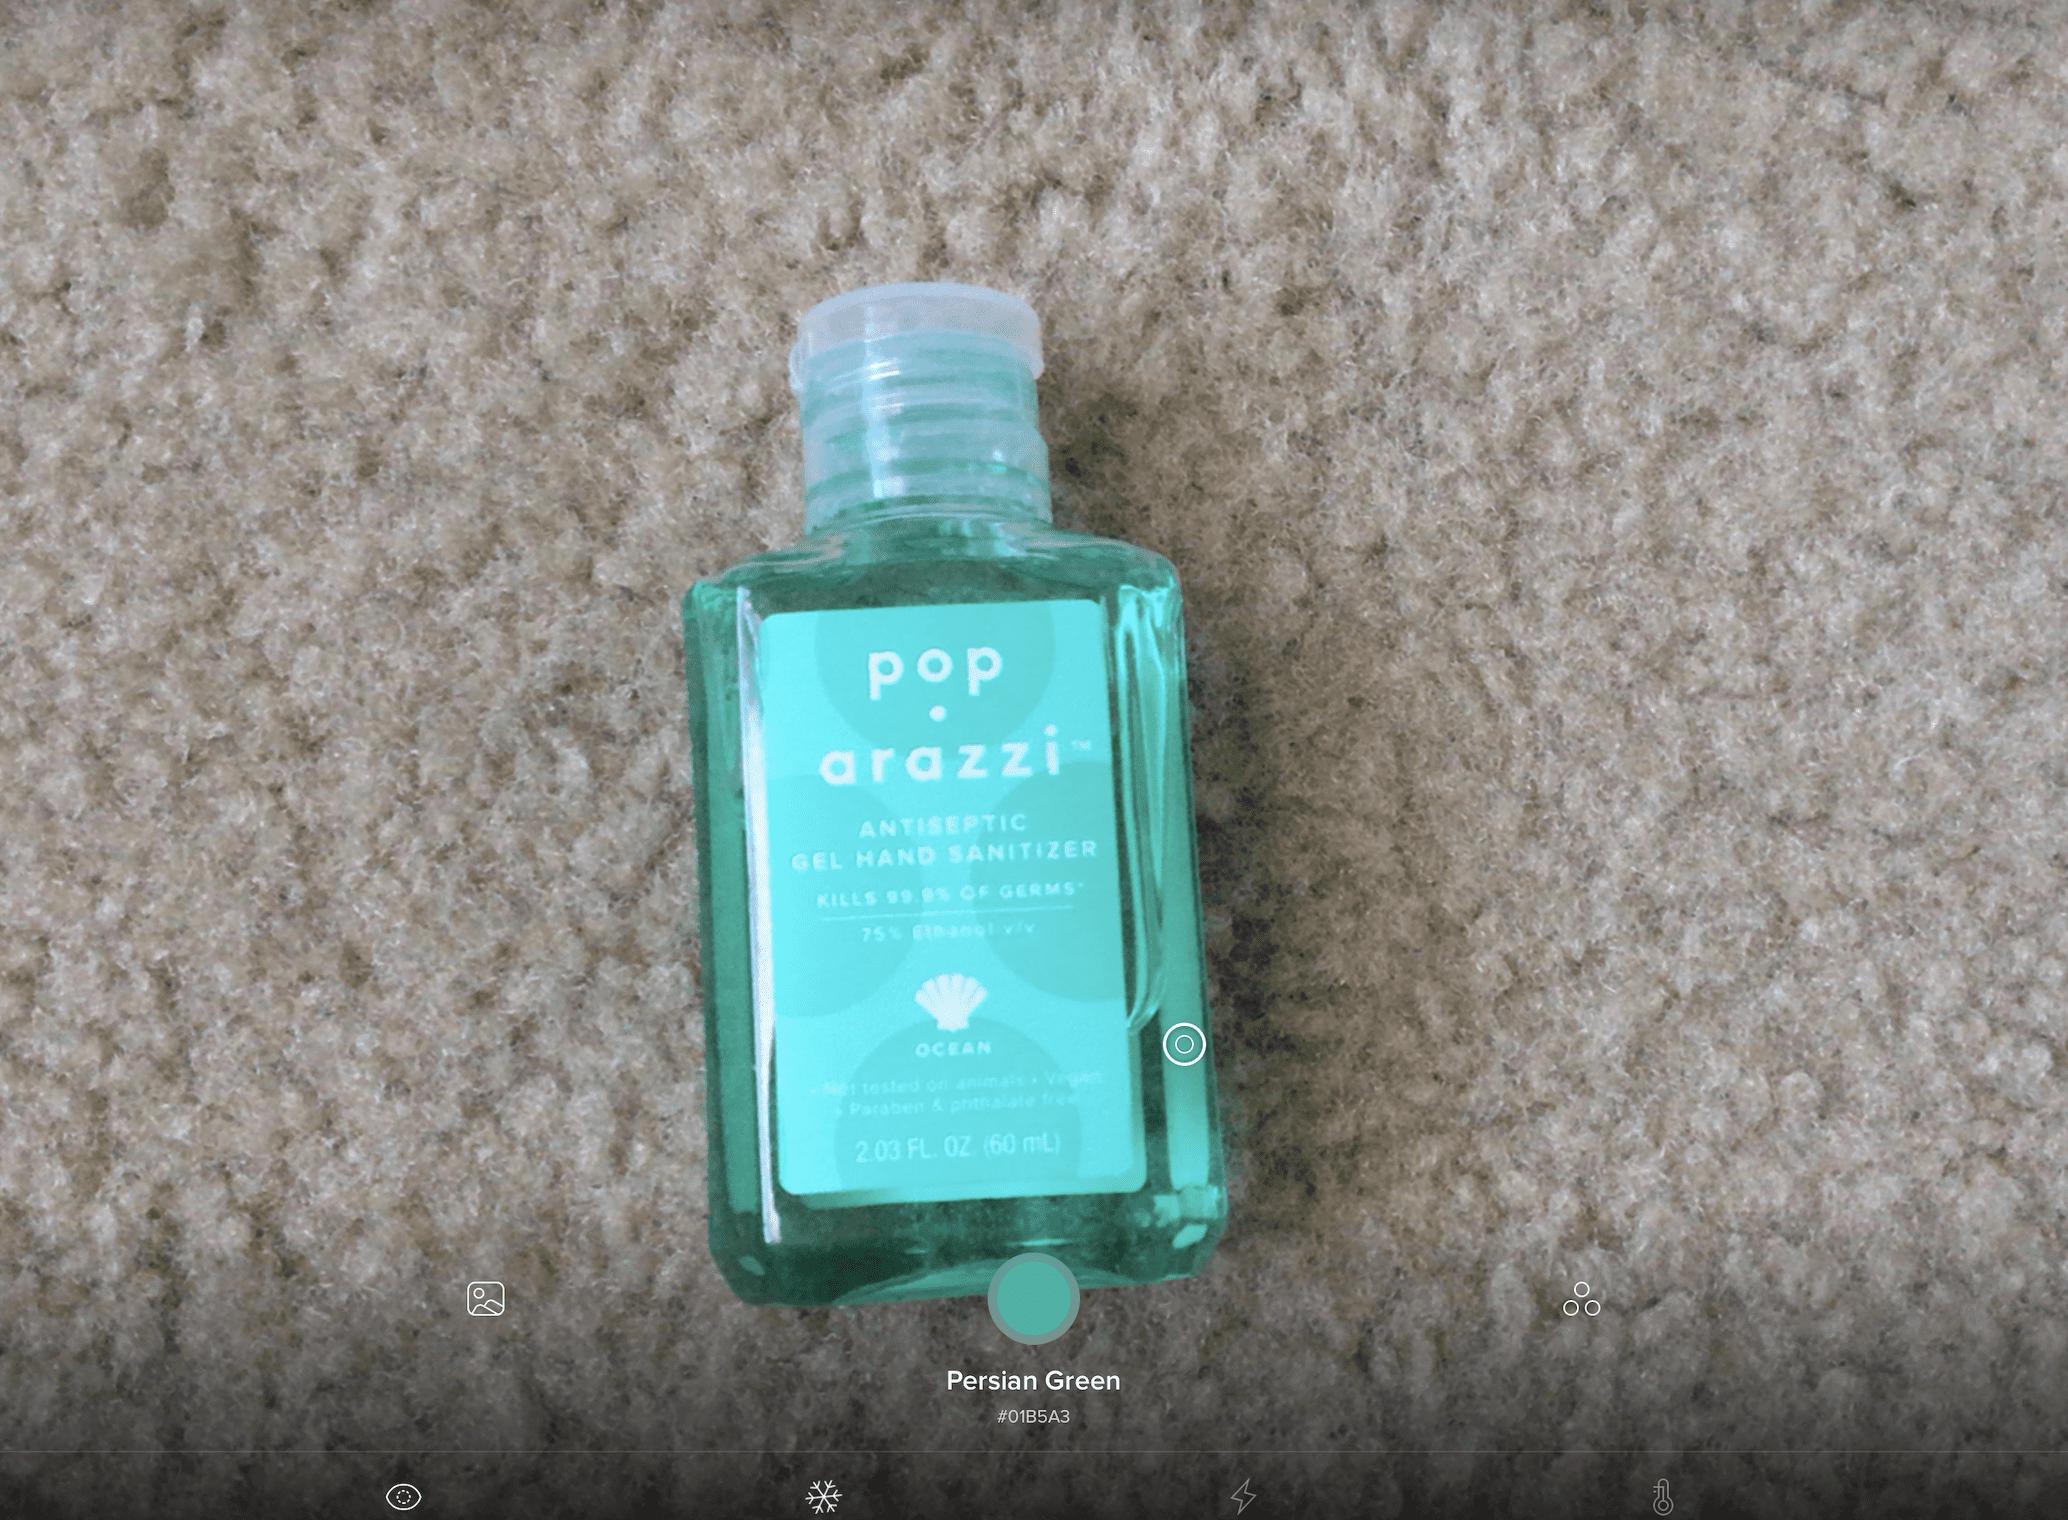 Bottle of hand sanitiser